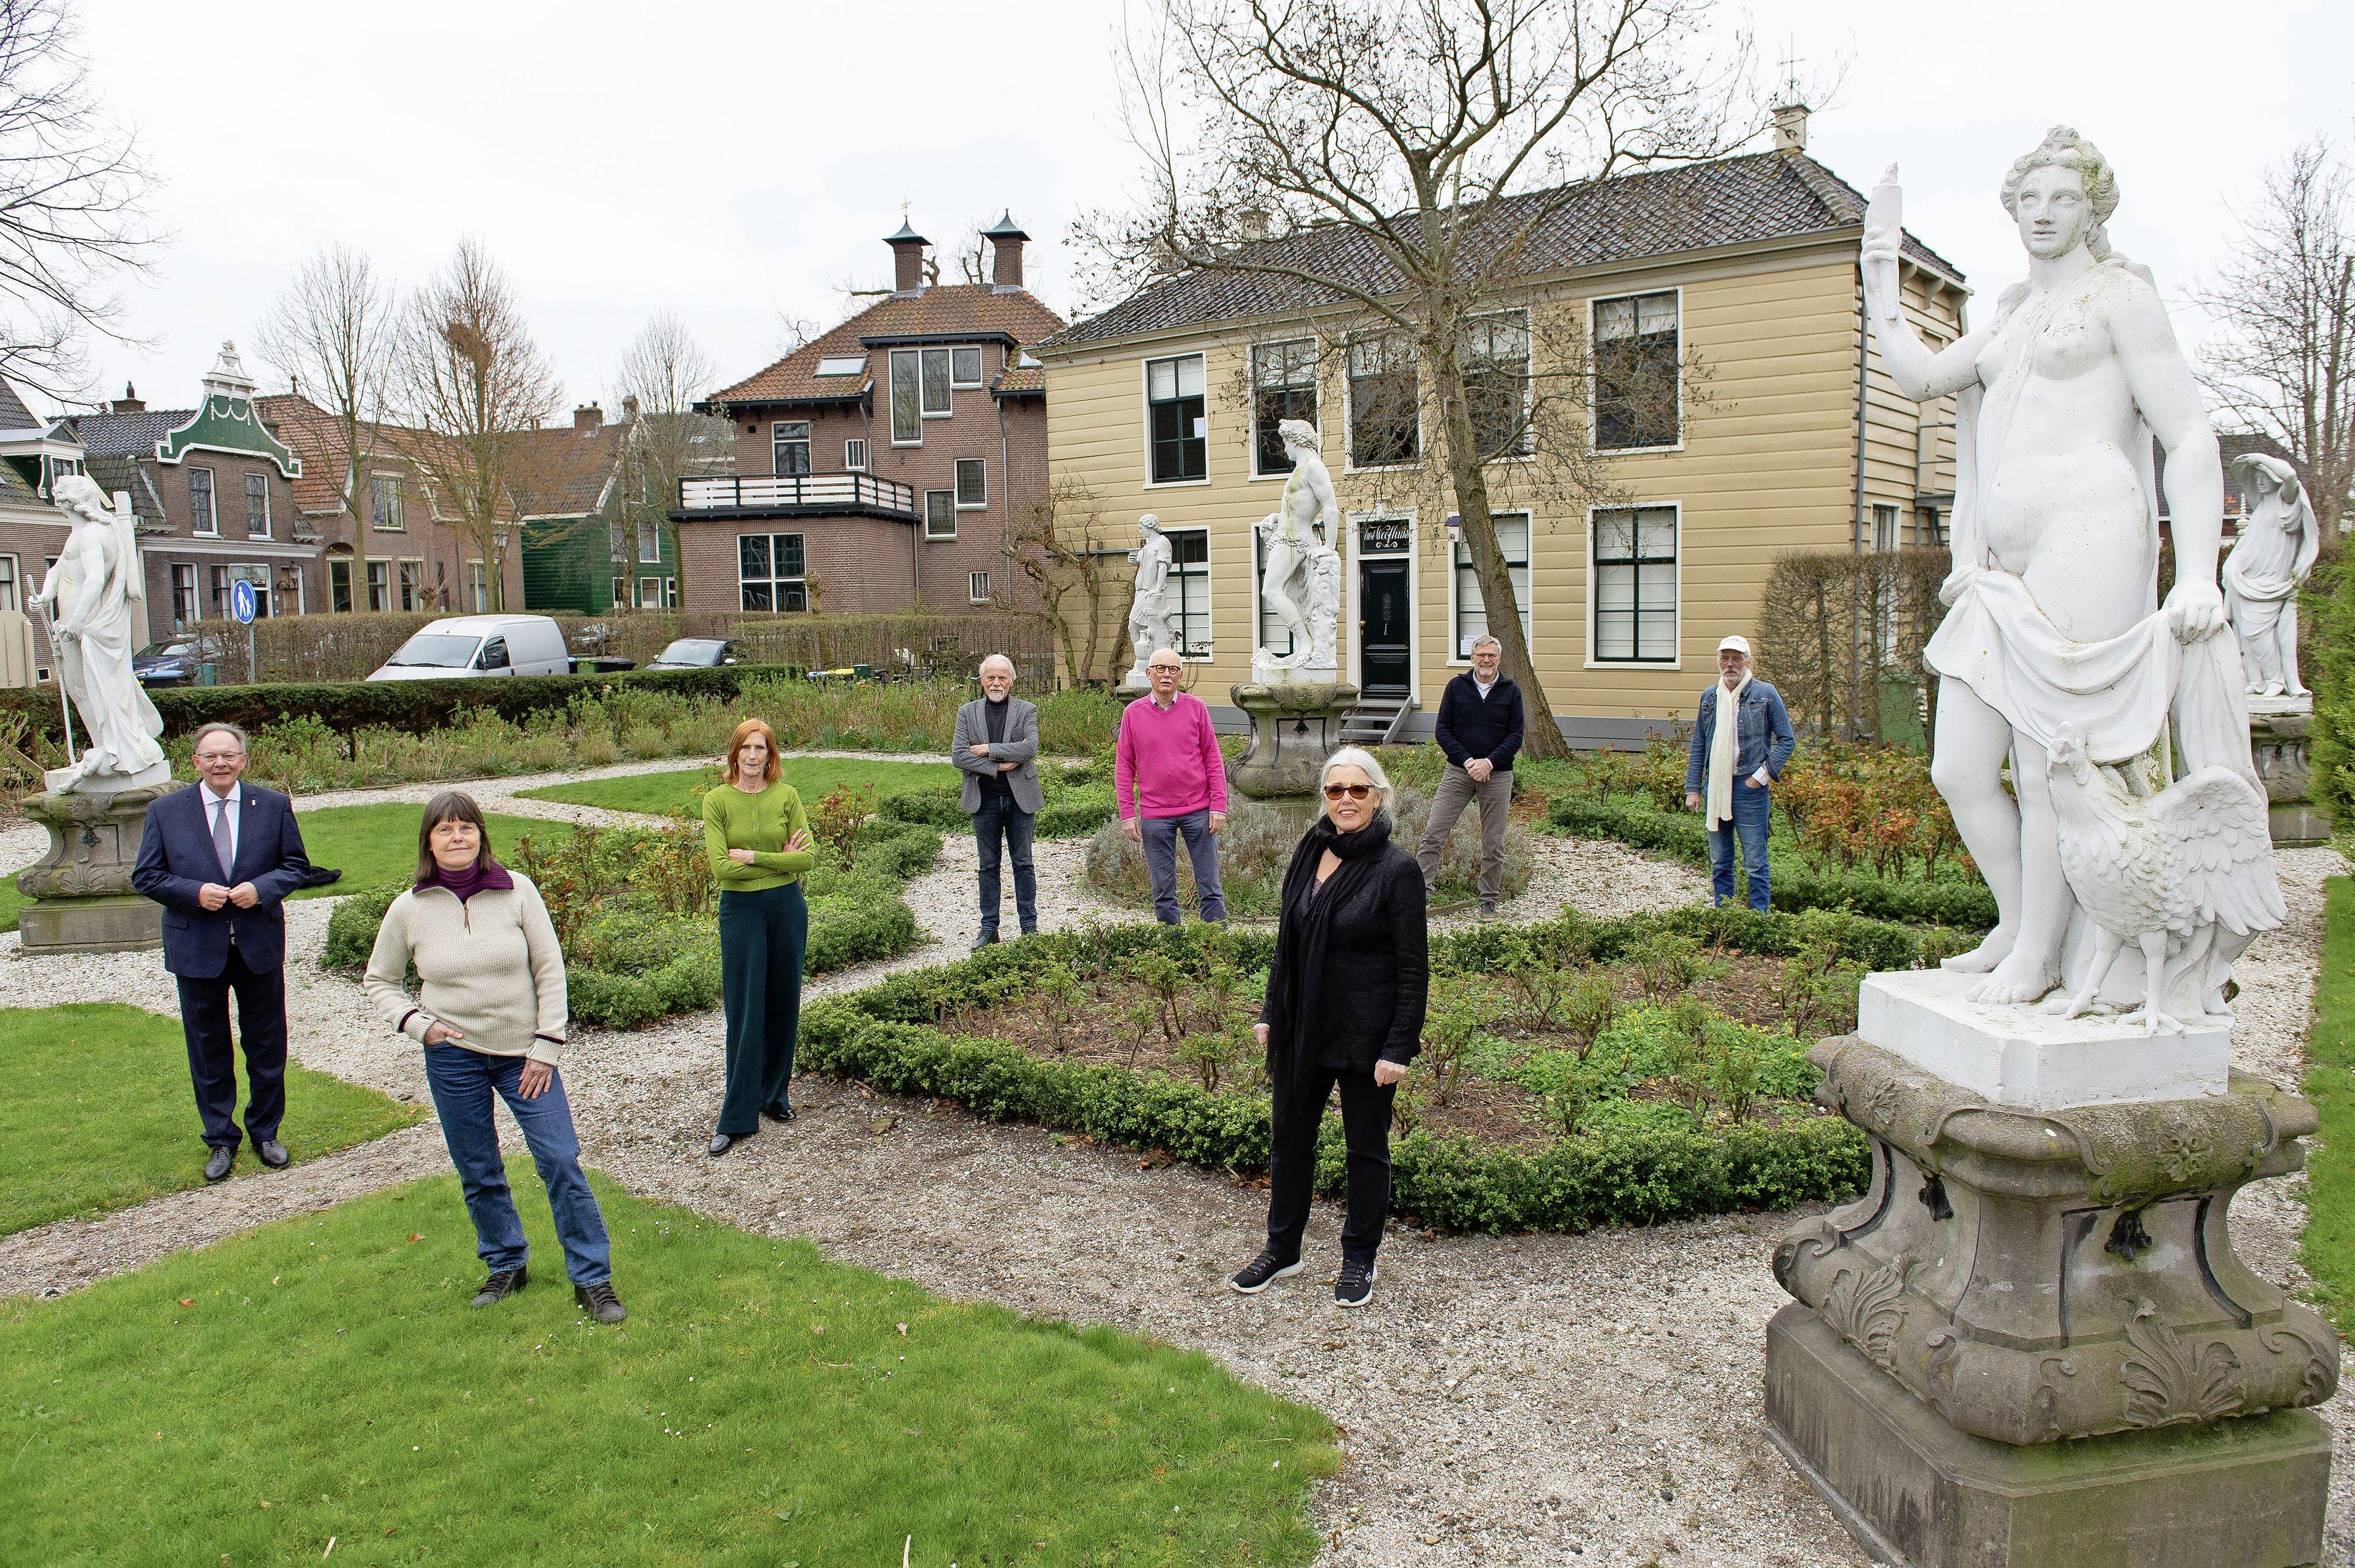 Vinger aan de pols bij 110 bedreigde panden in de Zaanstreek: van Zaanse houtbouw tot wederopbouw